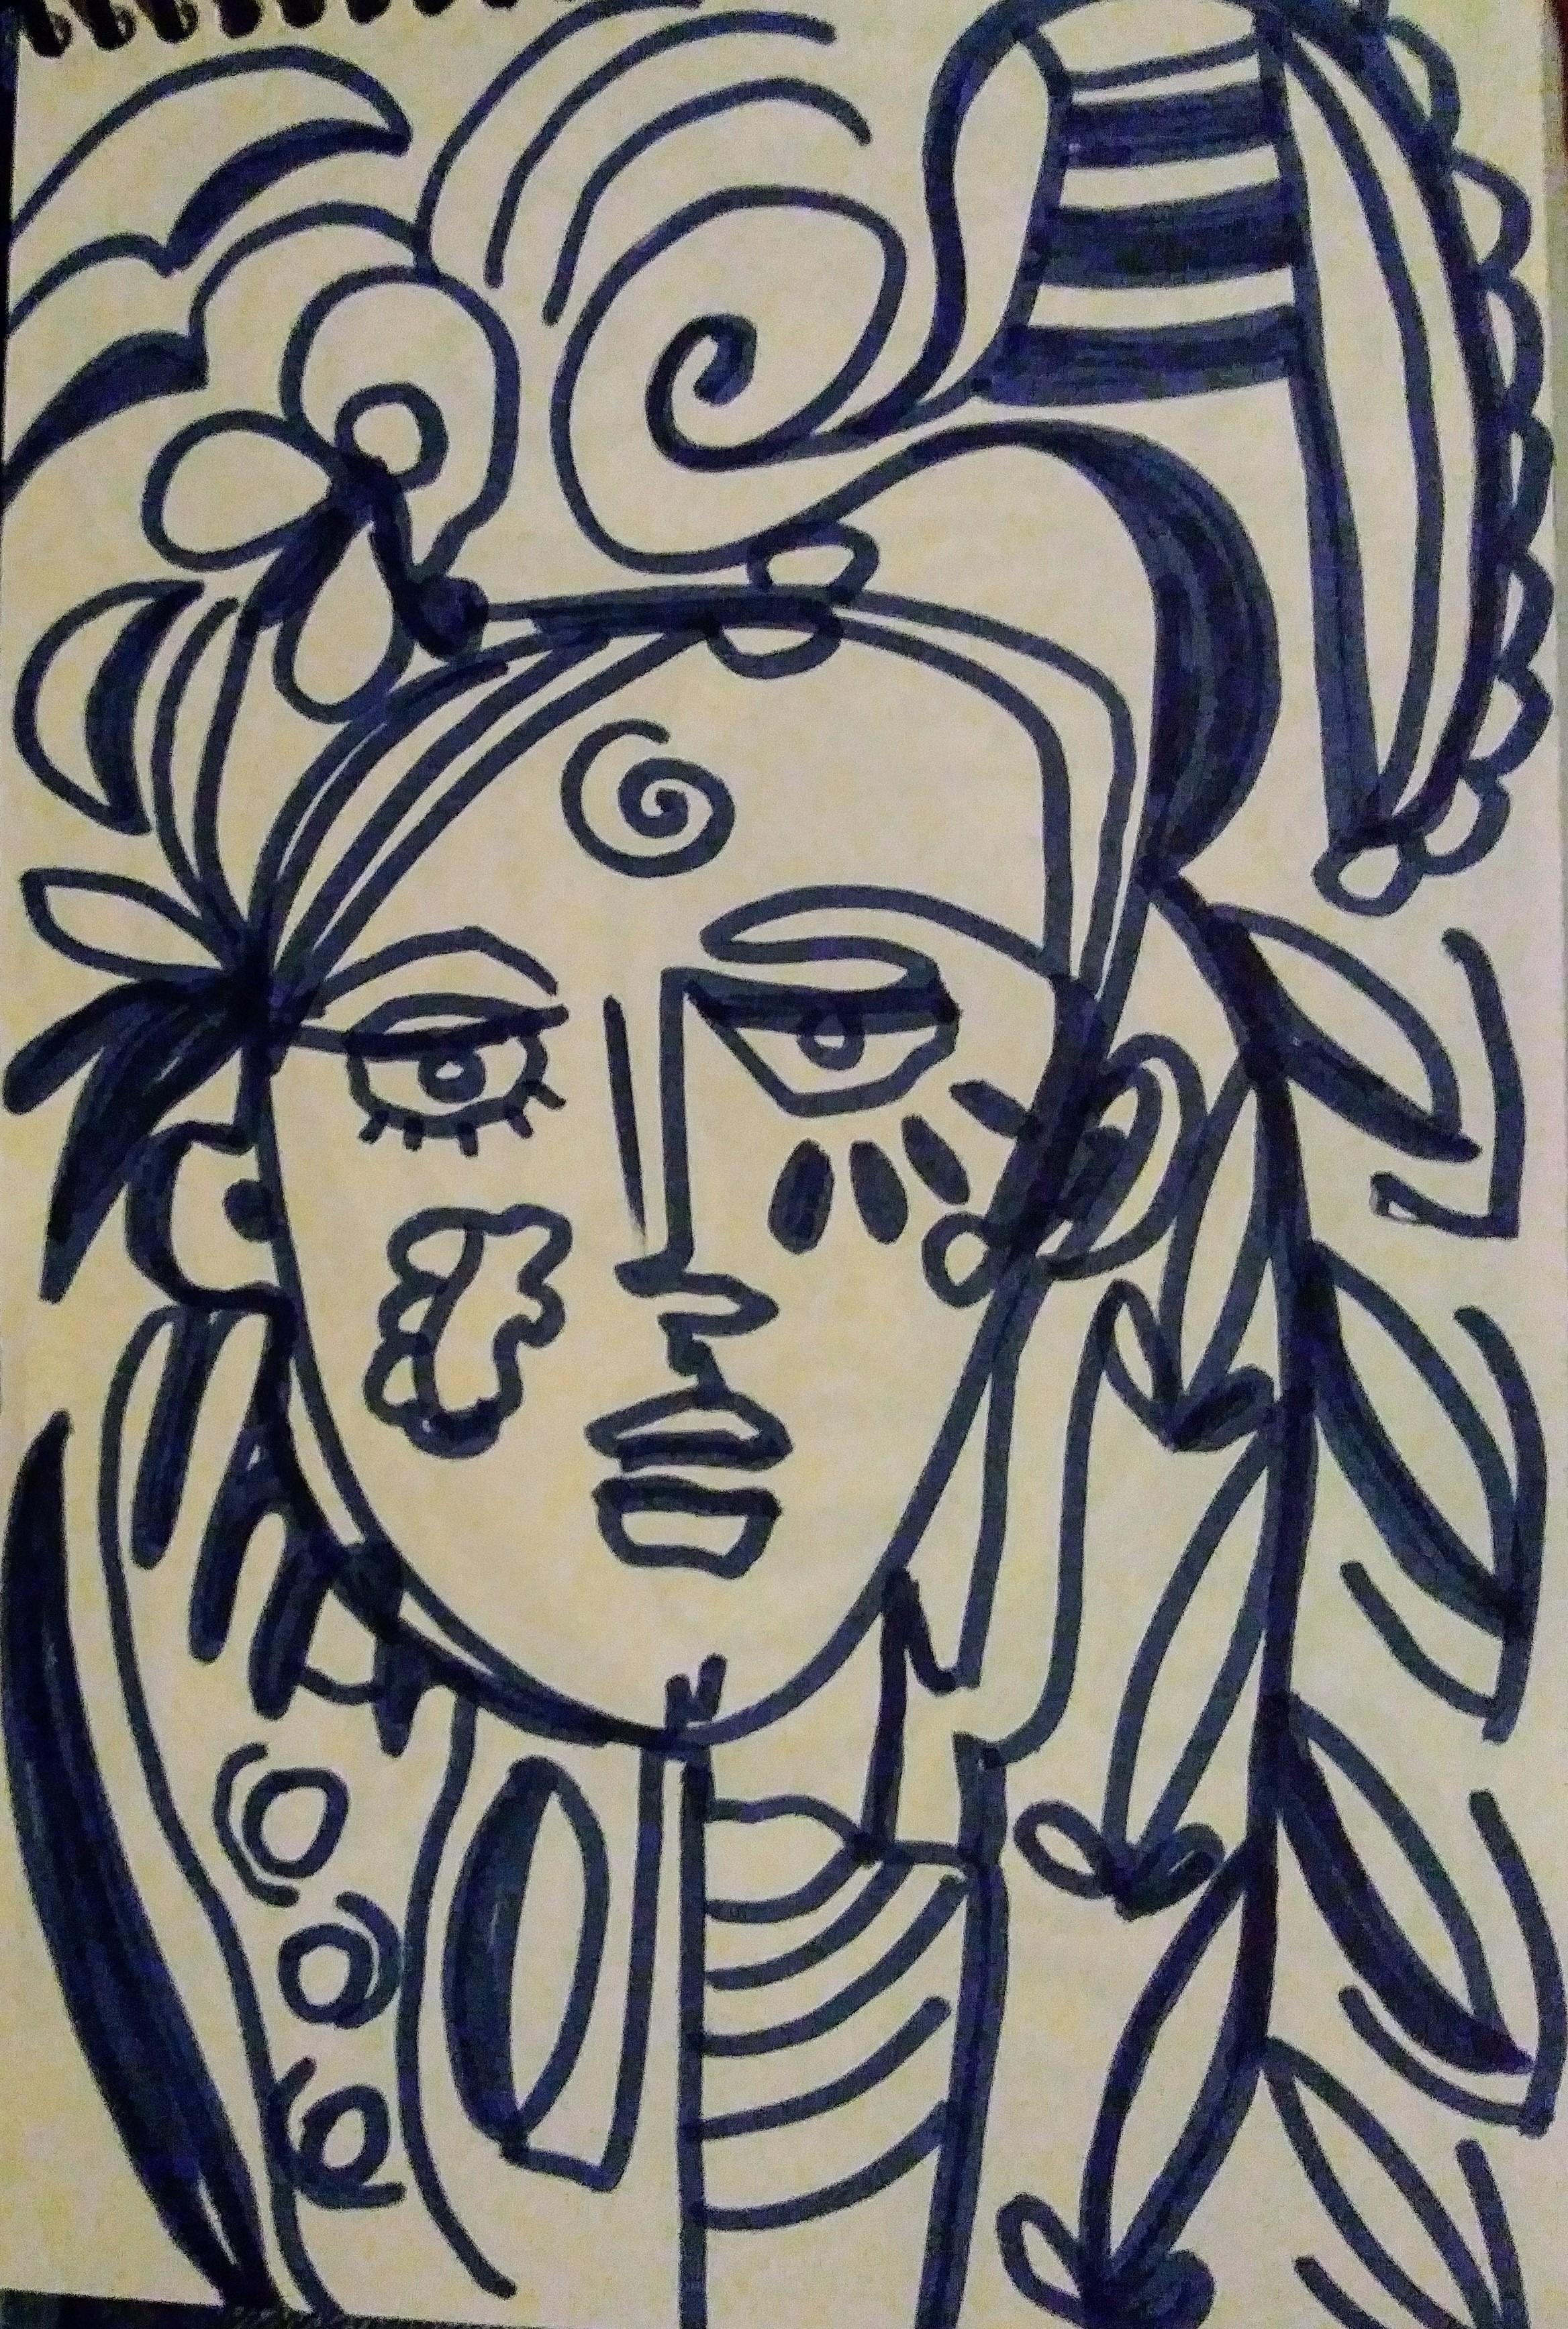 Asha M image 1.jpg